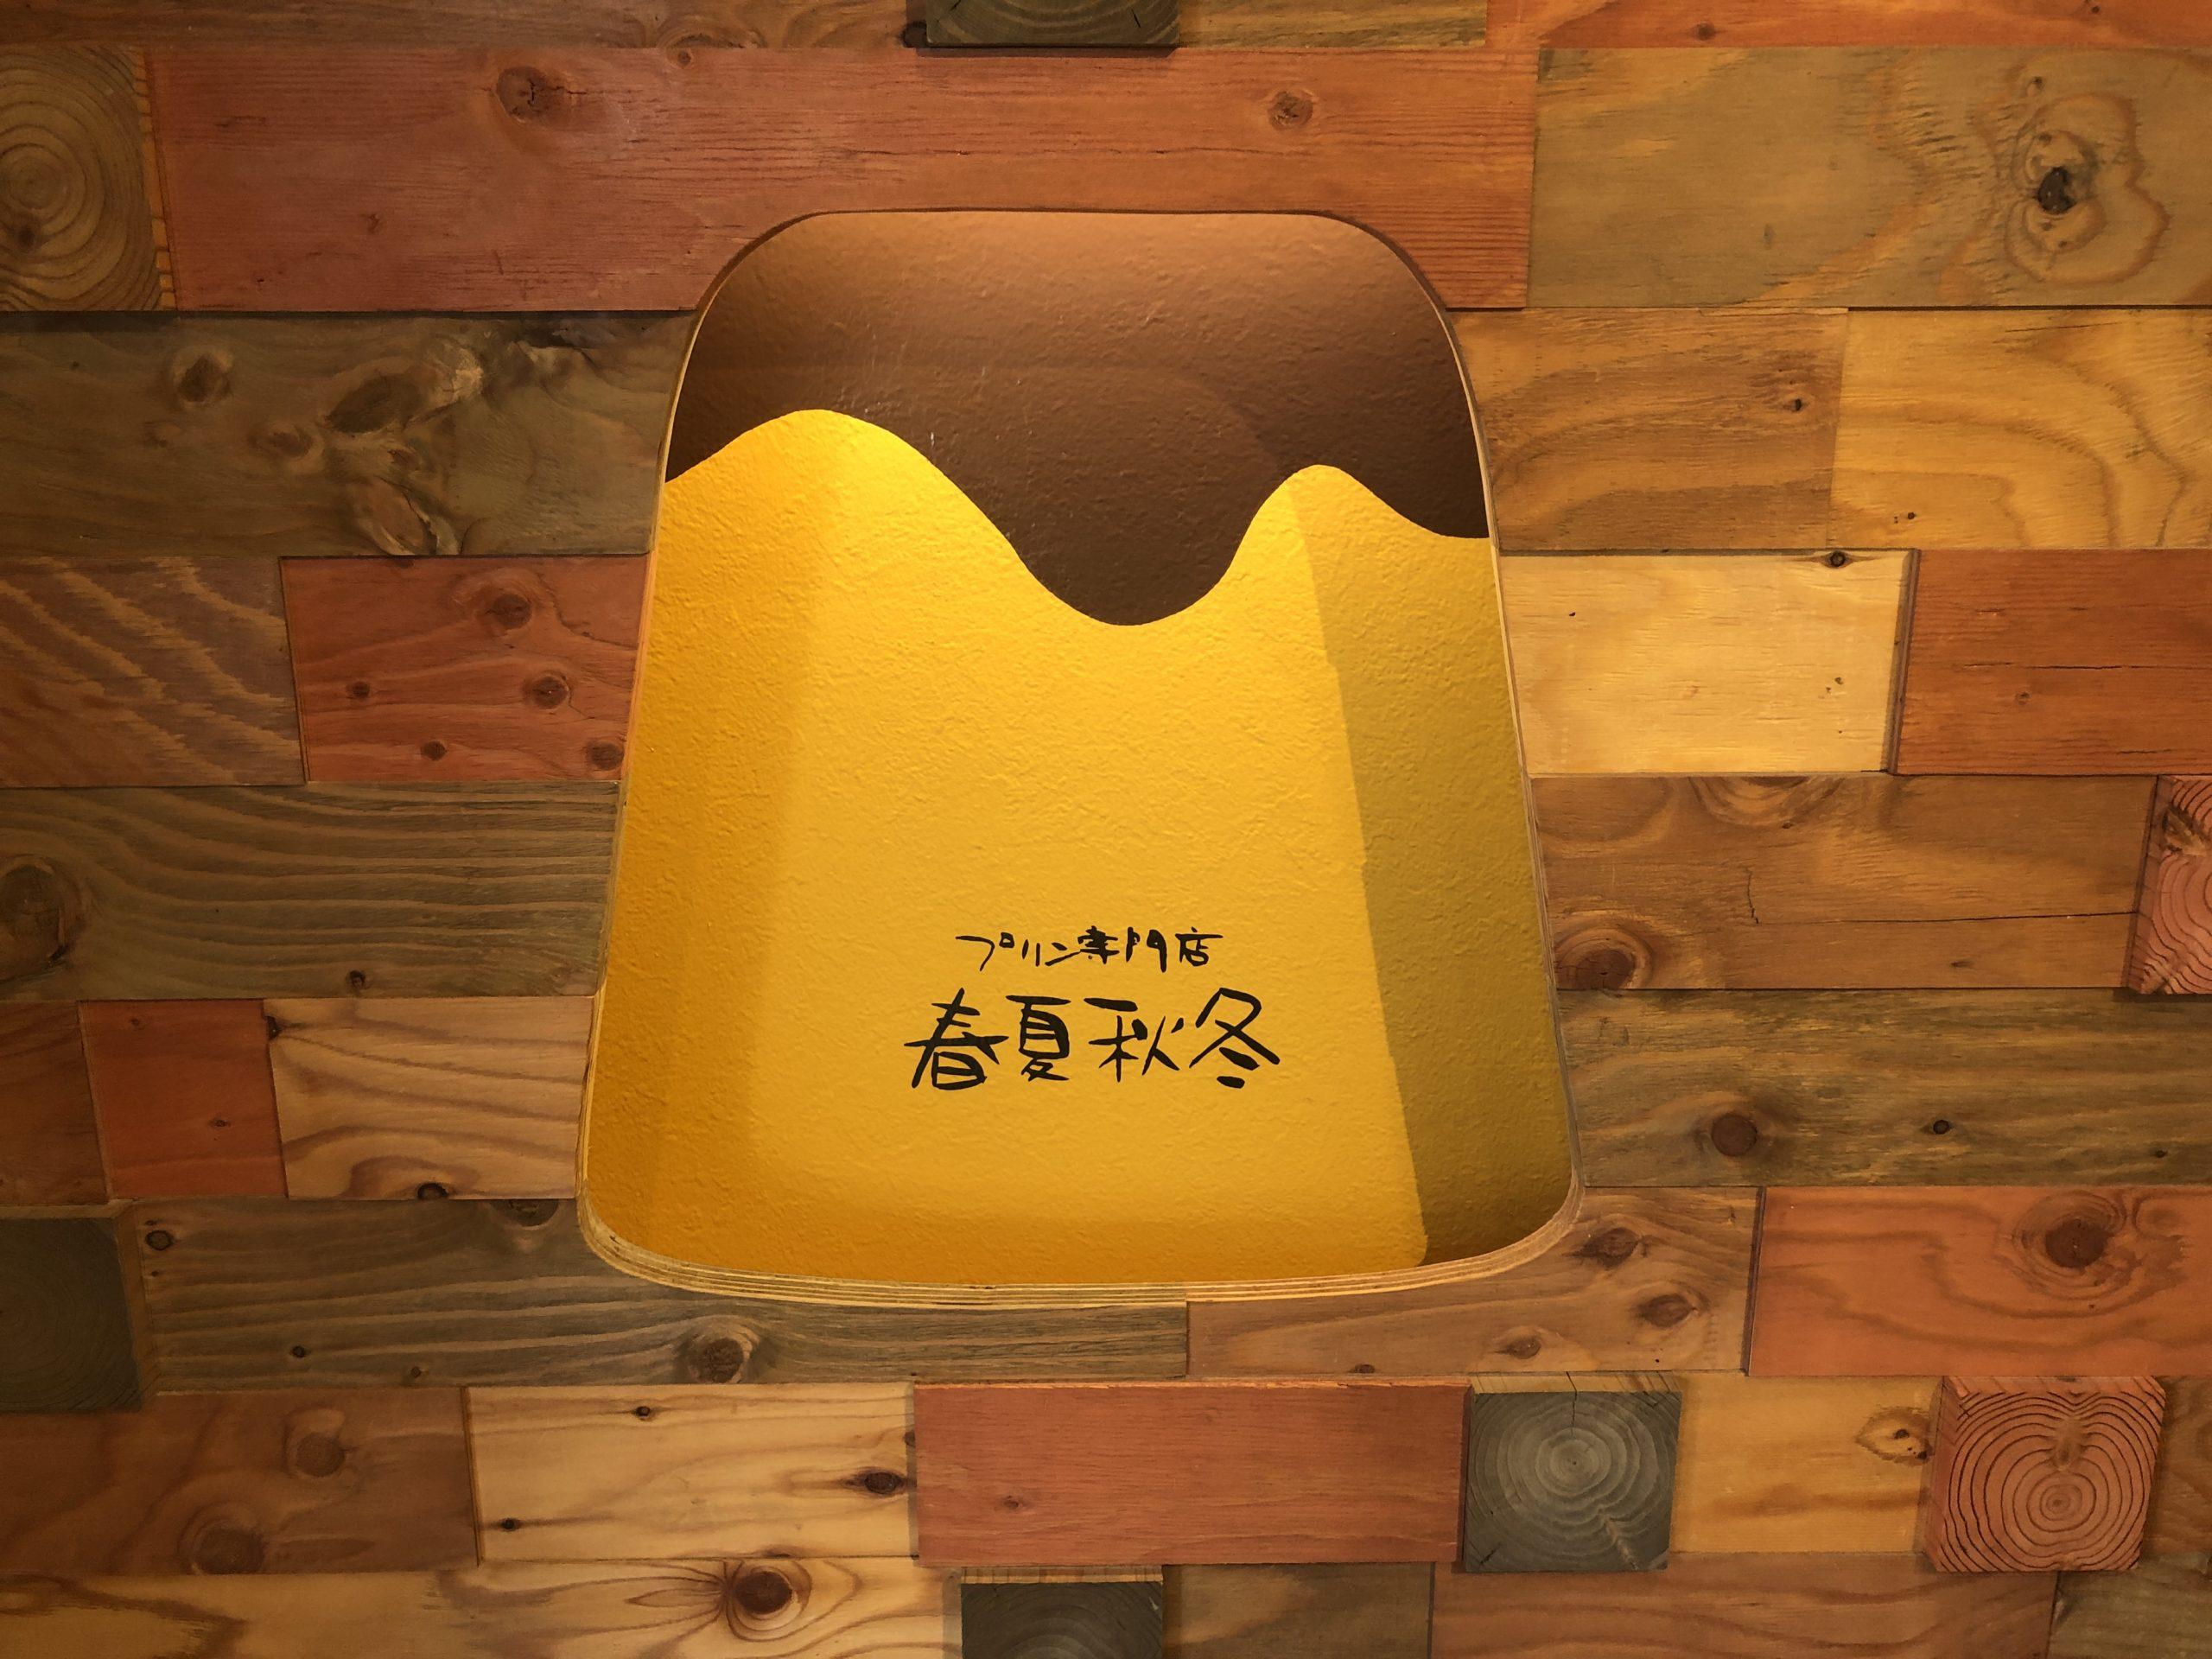 【大人の味】松本市のプリン専門店『春夏秋冬』に魅了された話